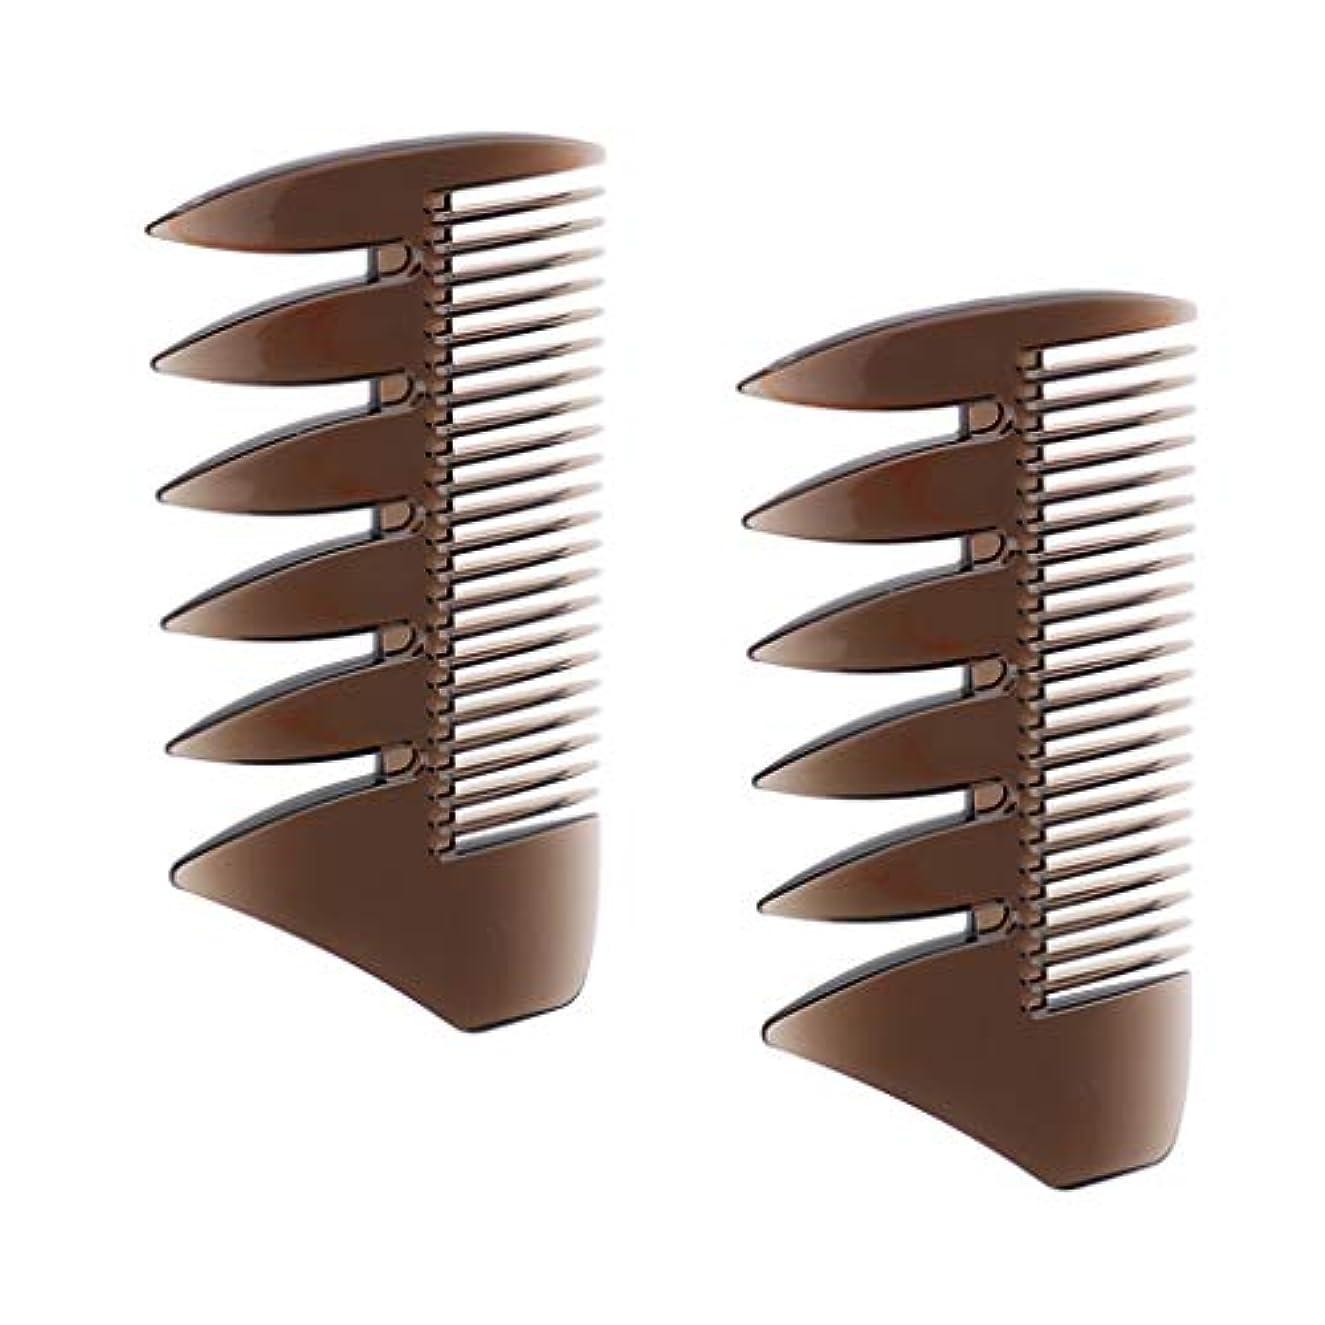 おしゃれな北西カナダ2個セット ヘアコンビ デュアルサイド メンズ オイルの髪 櫛 ヘアサロン ヘアスタイリング